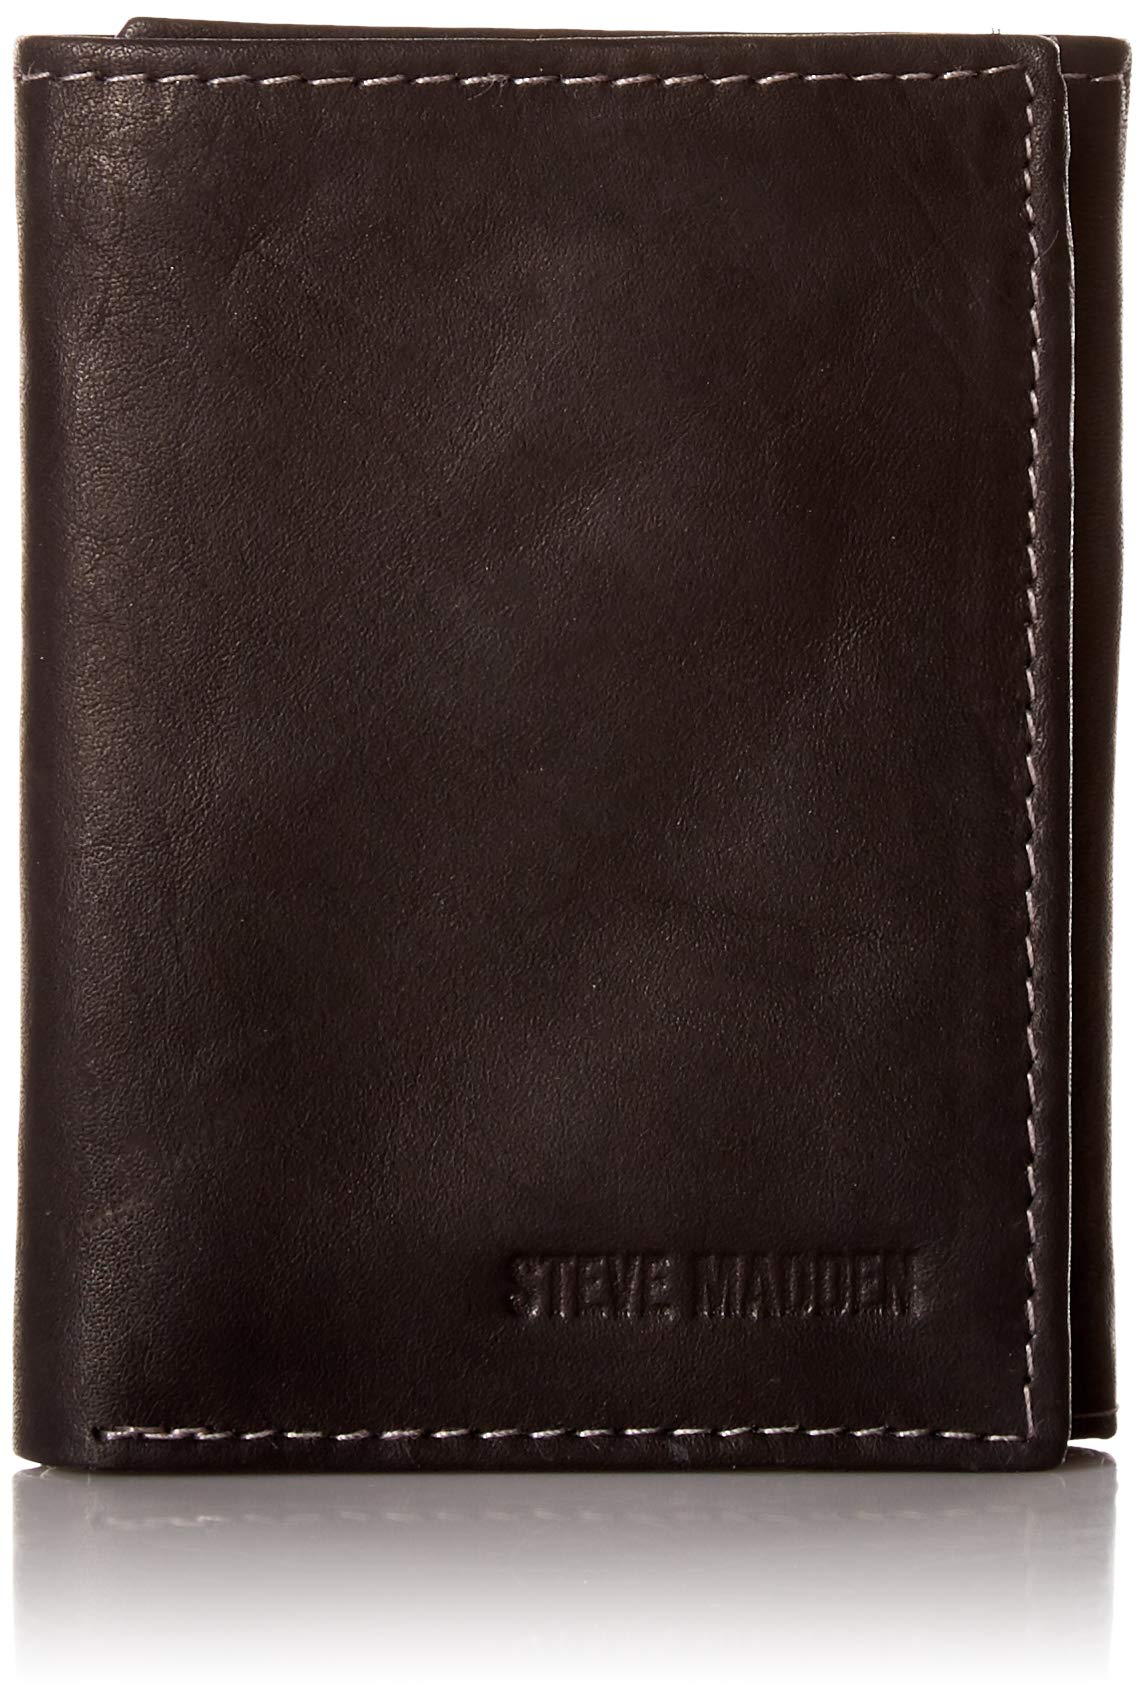 Steve Madden Men S Rfid Leather Trifold Wallet Buy Online In Honduras At Honduras Desertcart Com Productid 136774301